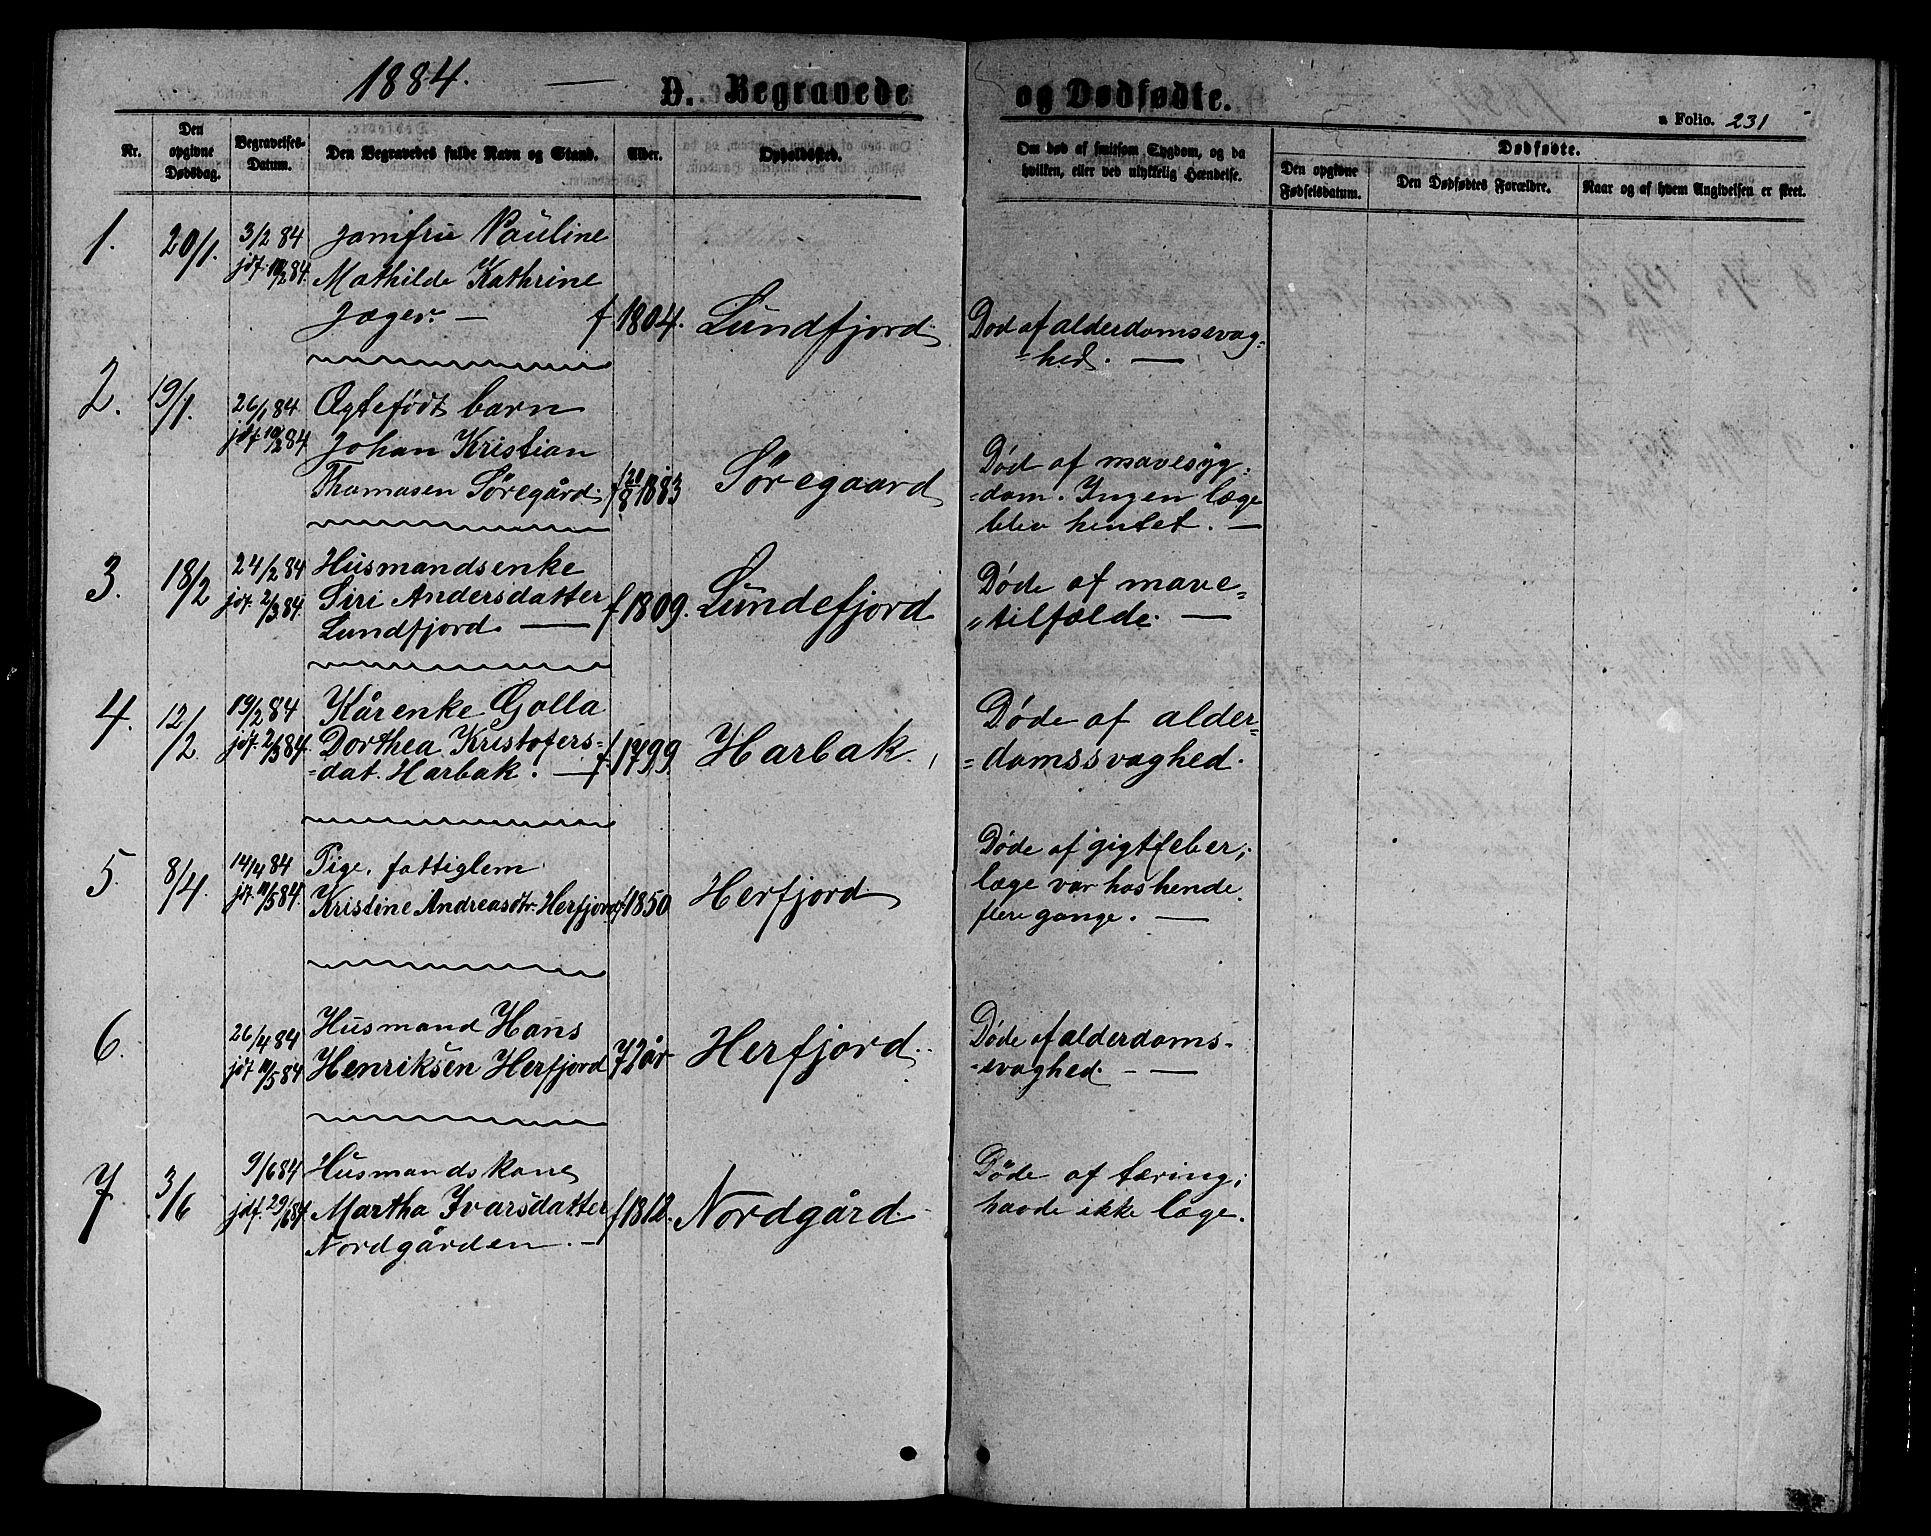 SAT, Ministerialprotokoller, klokkerbøker og fødselsregistre - Sør-Trøndelag, 656/L0695: Klokkerbok nr. 656C01, 1867-1889, s. 231